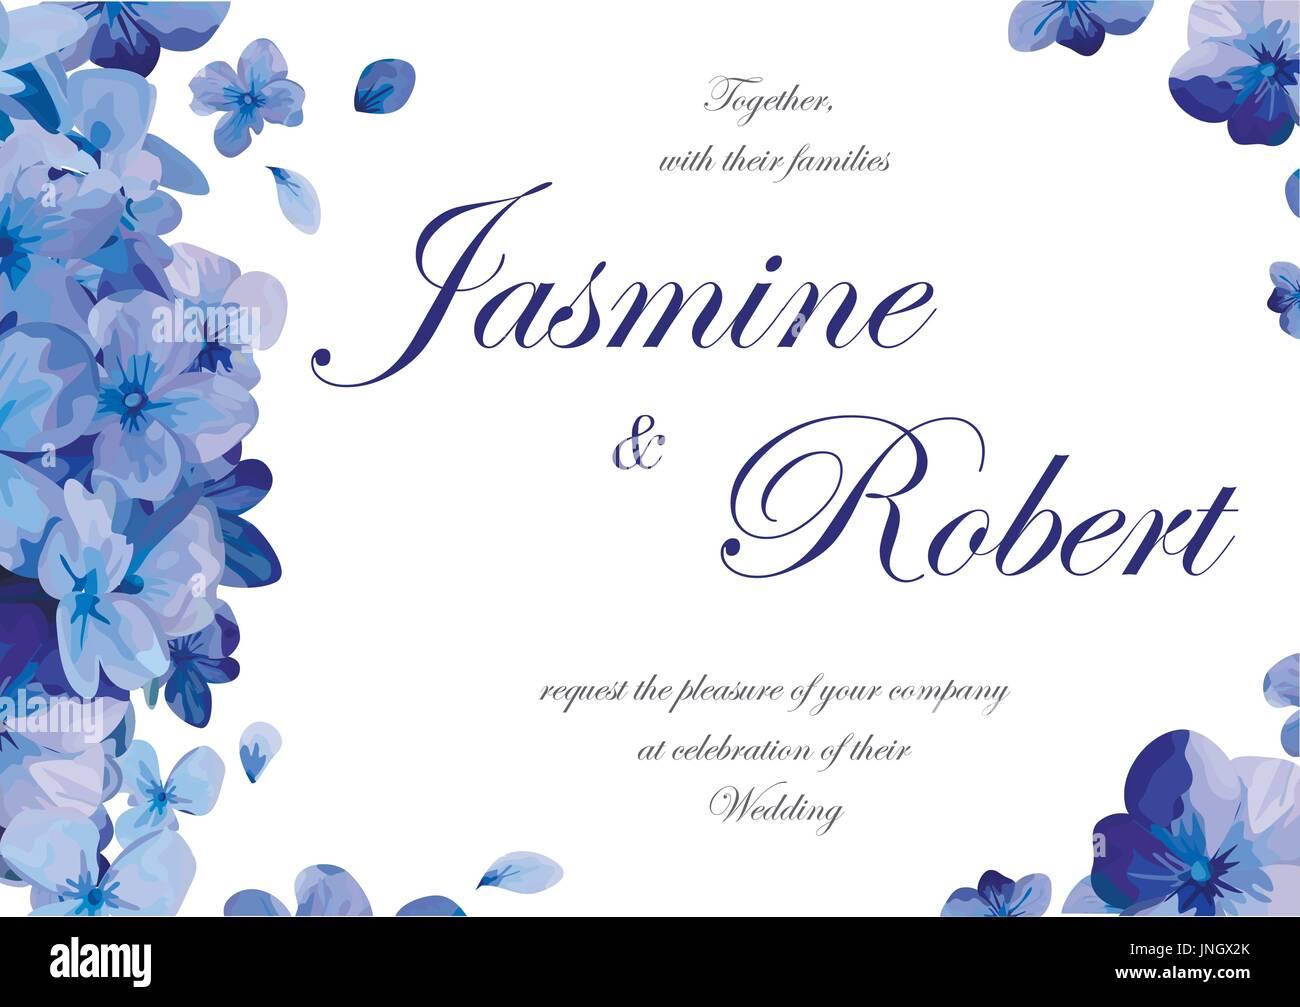 Hochzeit Einladung Blume Laden Kartendesign Mit Blau Lila Garten